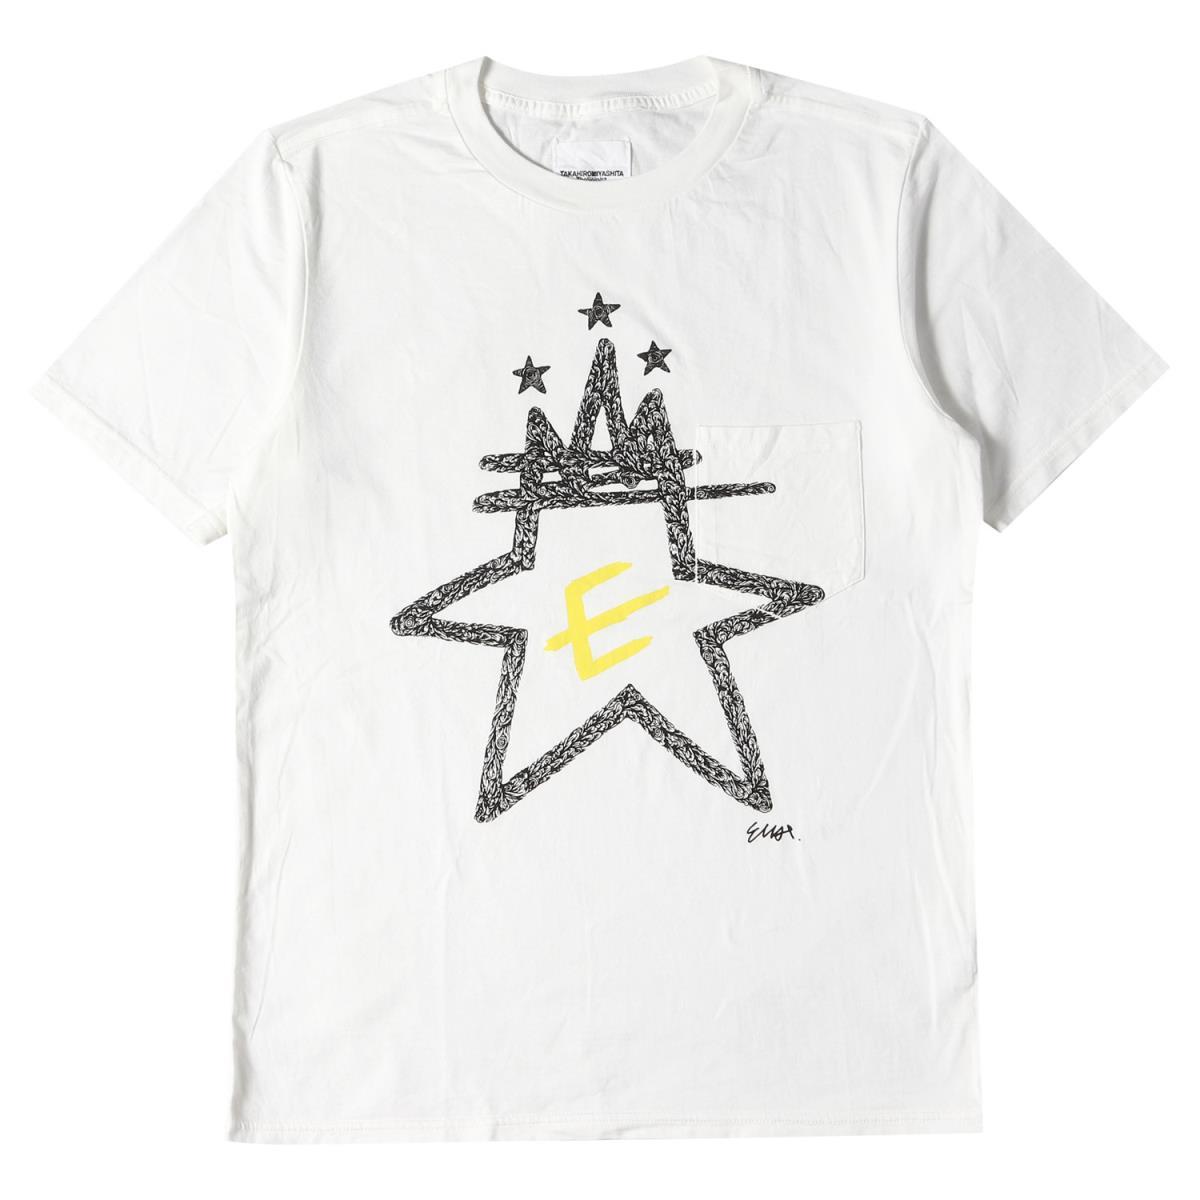 トップス, Tシャツ・カットソー TAKAHIROMIYASHITA The Soloist. T E-WAX T sc.0031SS16 E-WAX -EW- 16SS 44 K2719